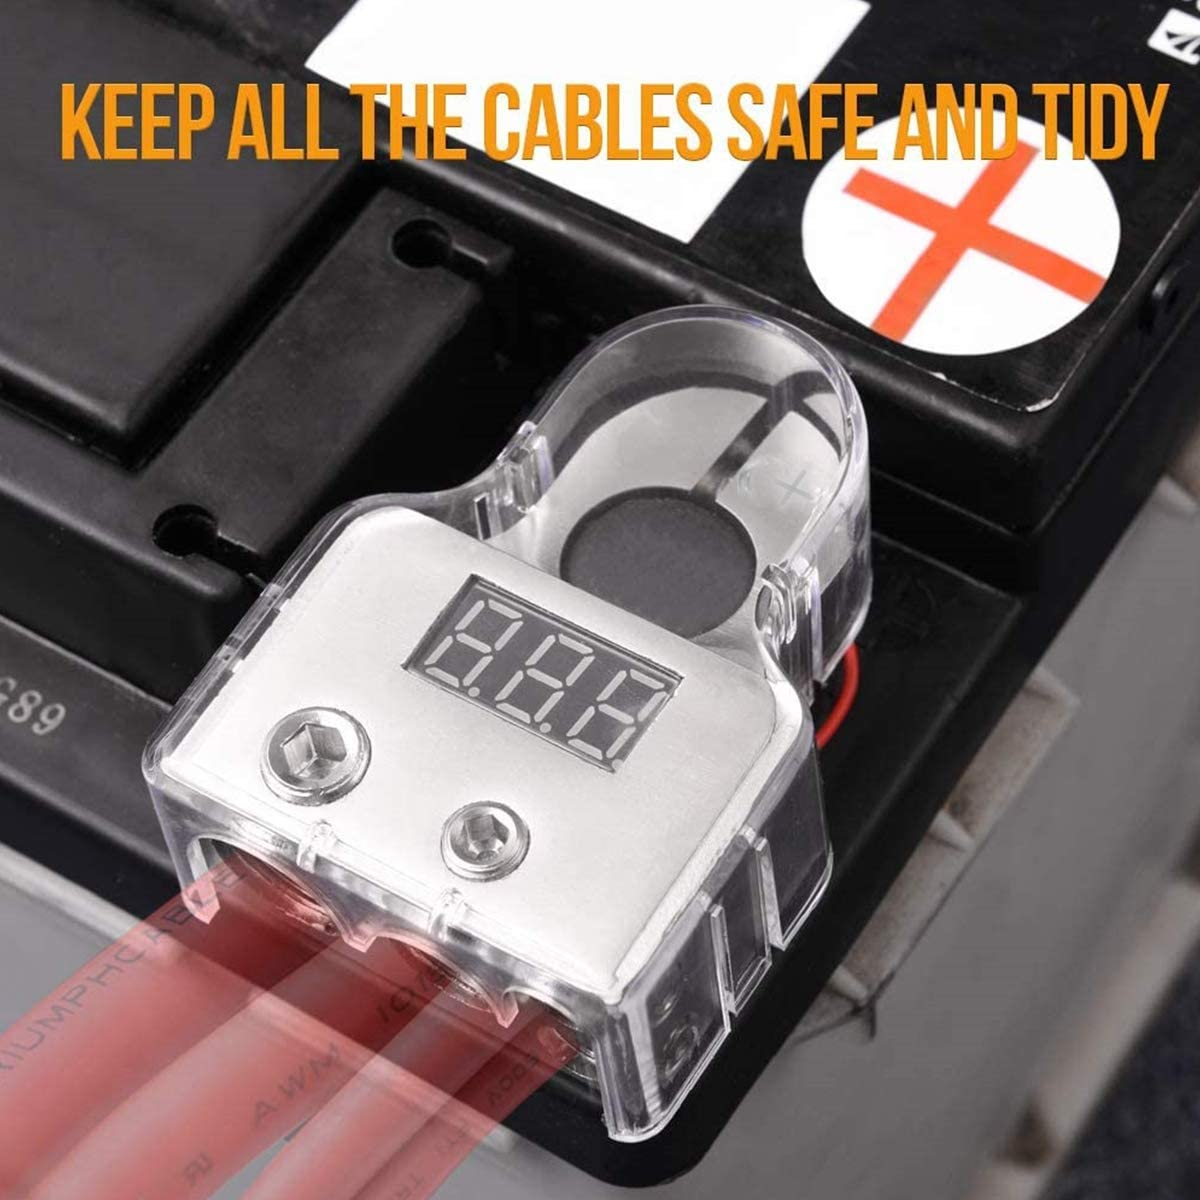 Silber ZHITING 2 St/ück Batterieklemmen 0//4//8 Spurweite AWG Anschl/üsse Positive und Negative Battery Terminal mit Voltmeter f/ür Auto Polklemmen